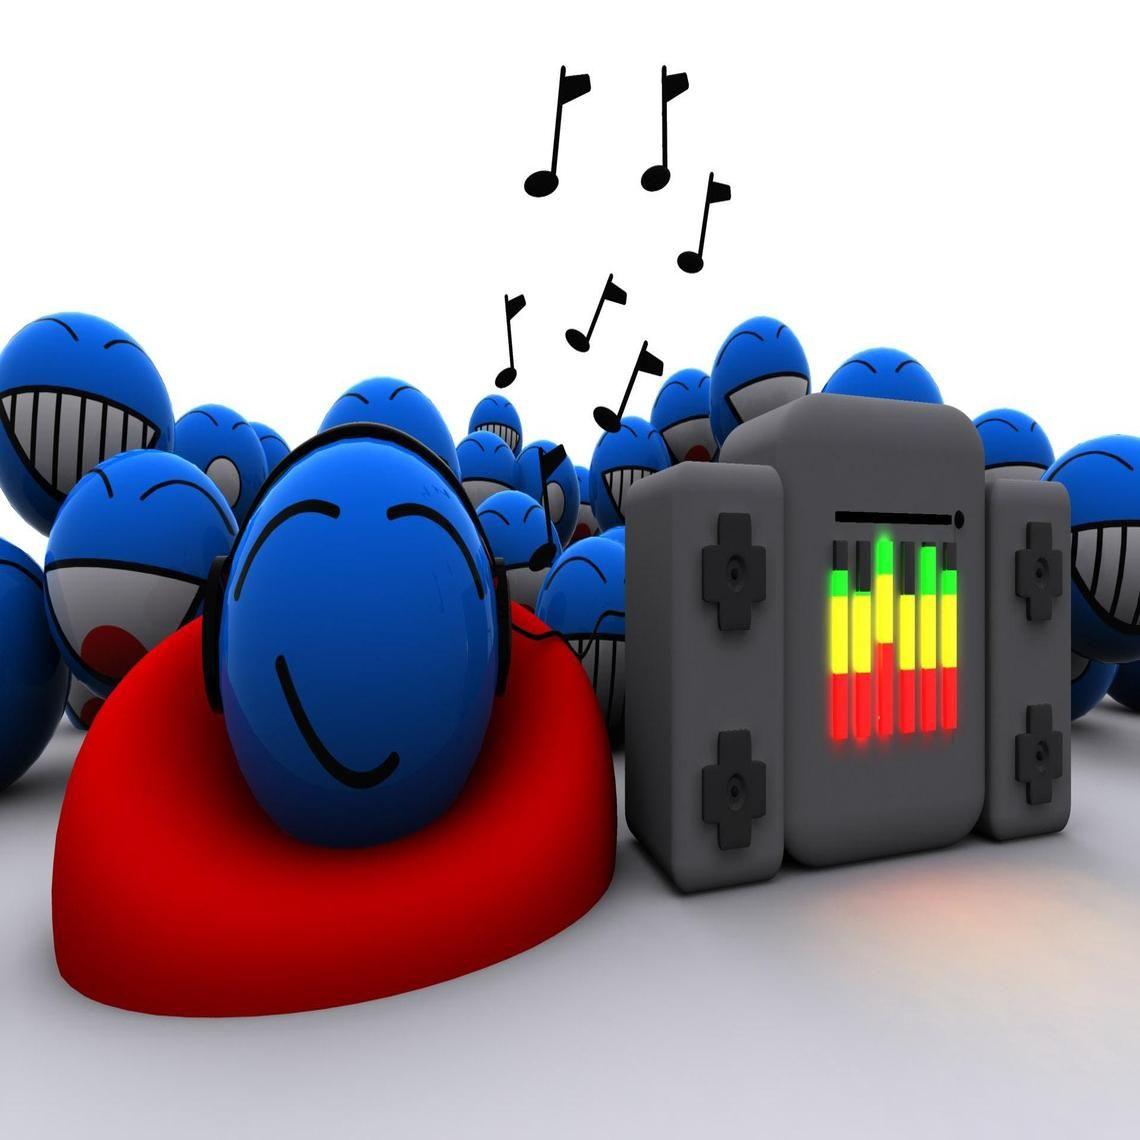 ball music